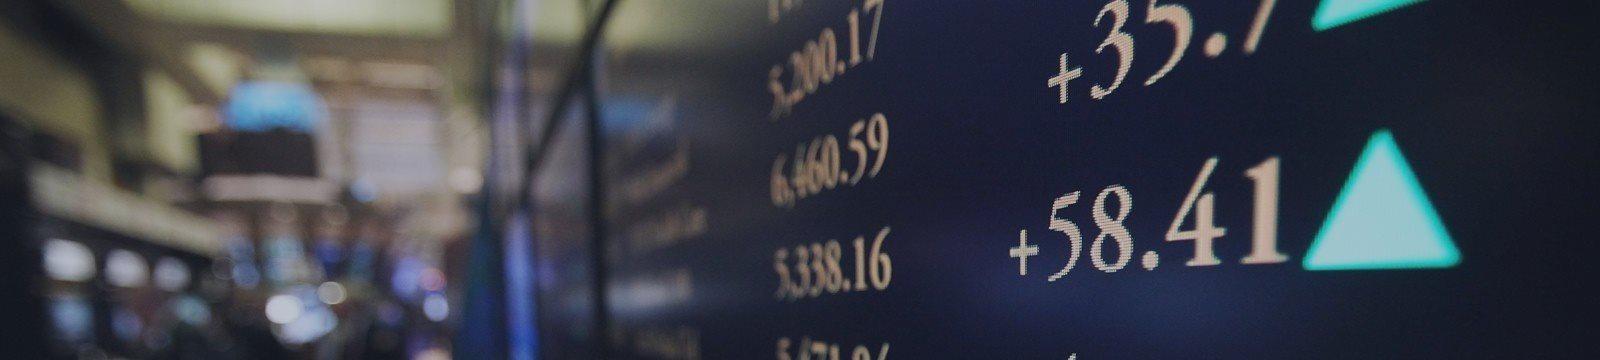 Инвестфонды на развивающихся странах потеряли за неделю $1,6 млрд